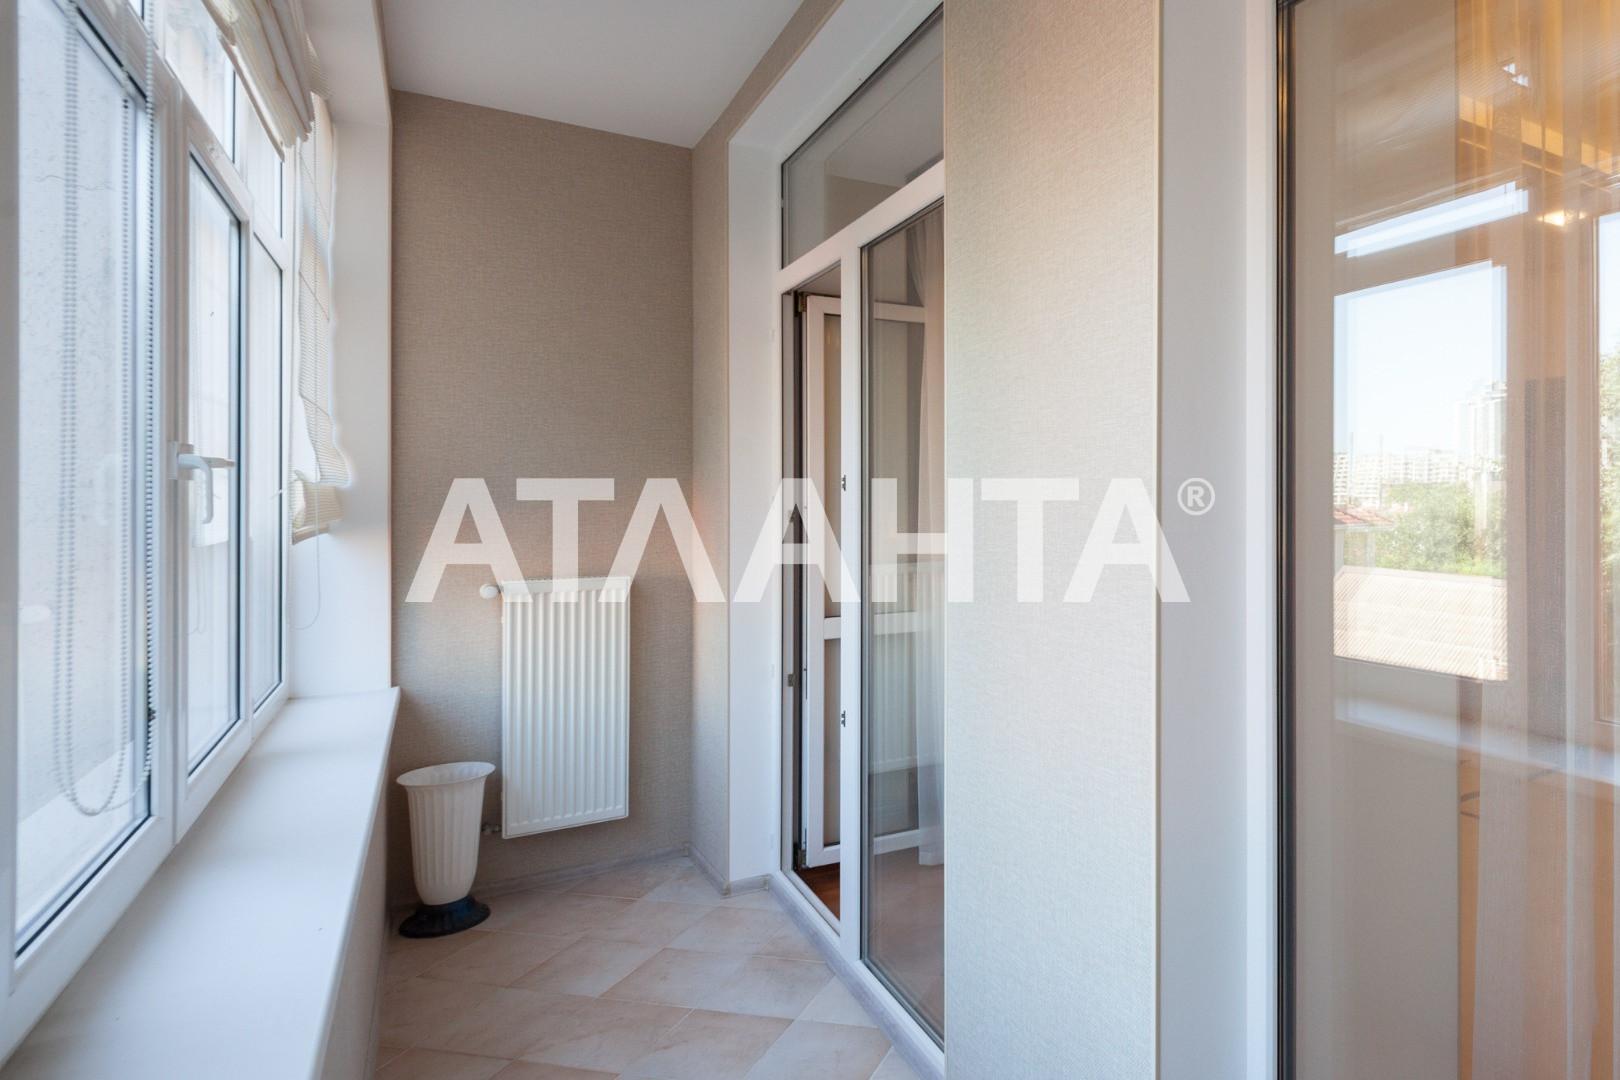 Продается 3-комнатная Квартира на ул. Педагогический Пер. — 230 000 у.е. (фото №13)